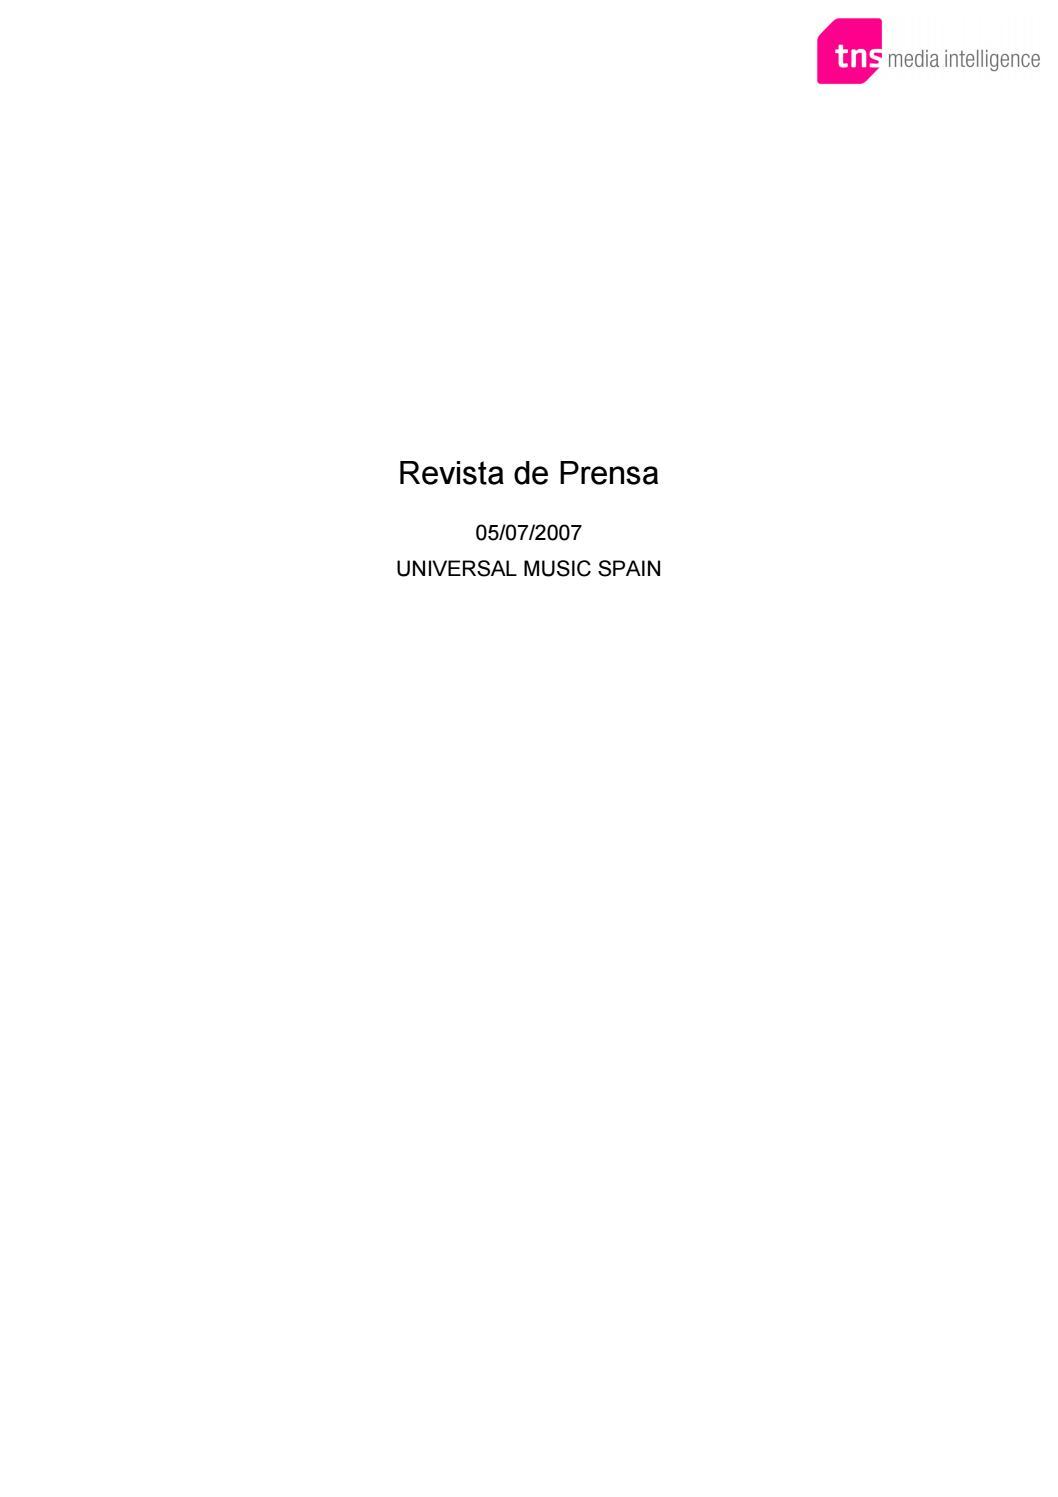 Mala dossier mayo2007 by villaworking - issuu